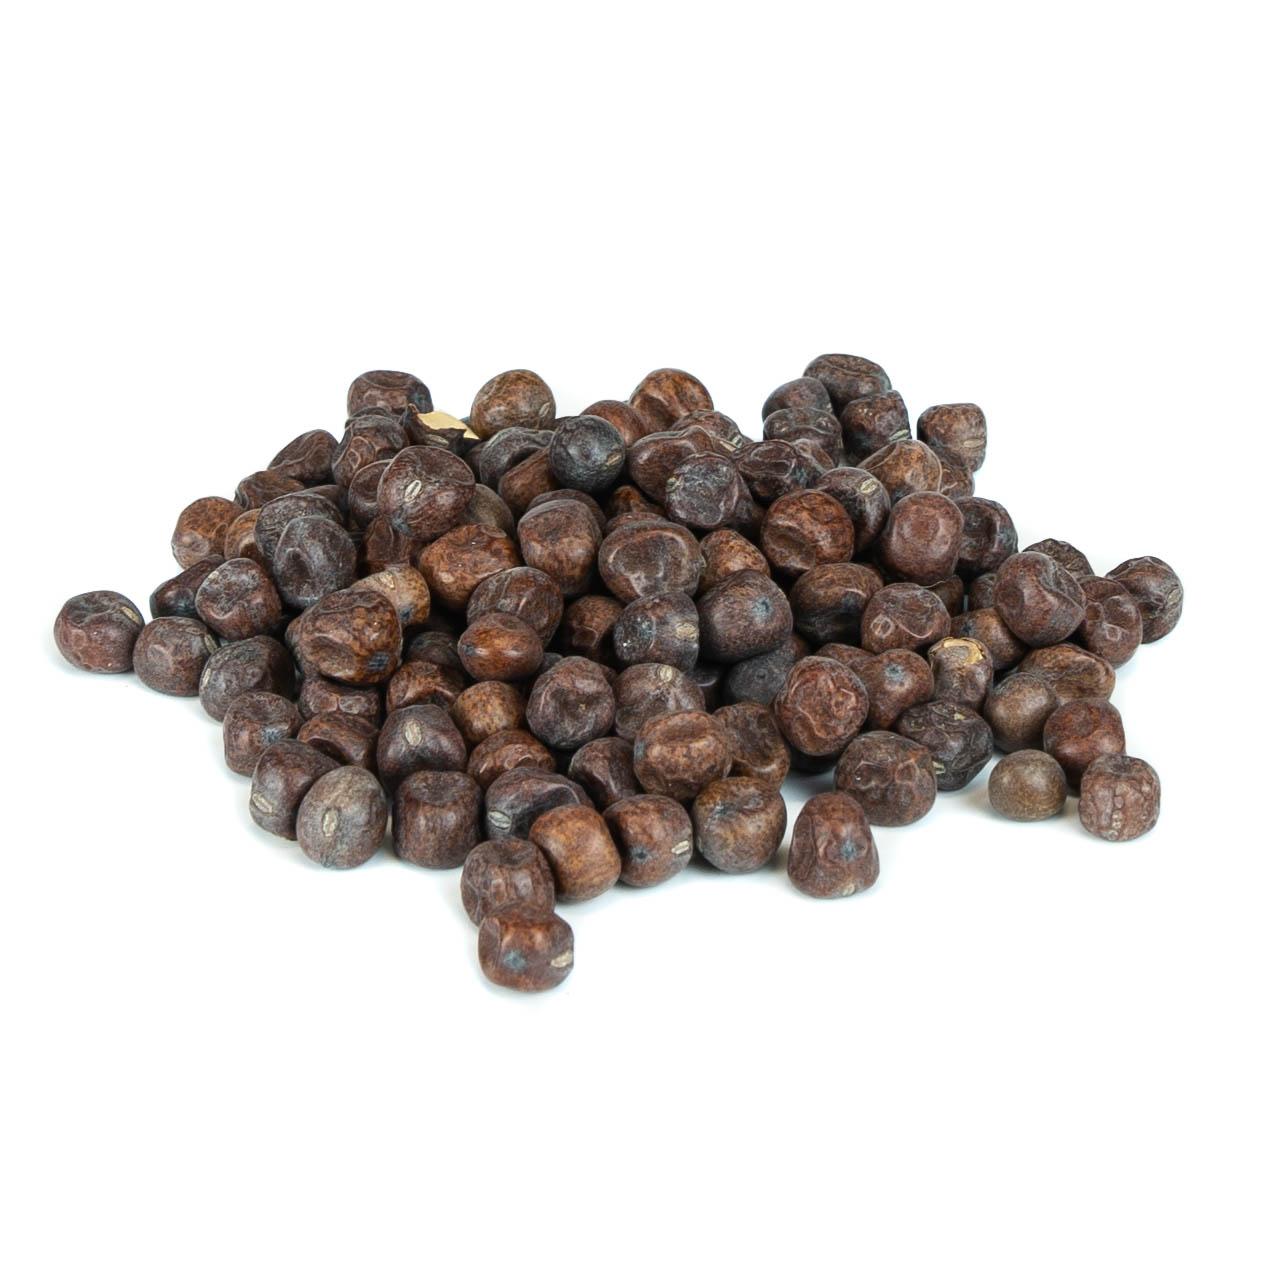 Partikl 1kg - Javorové semínko